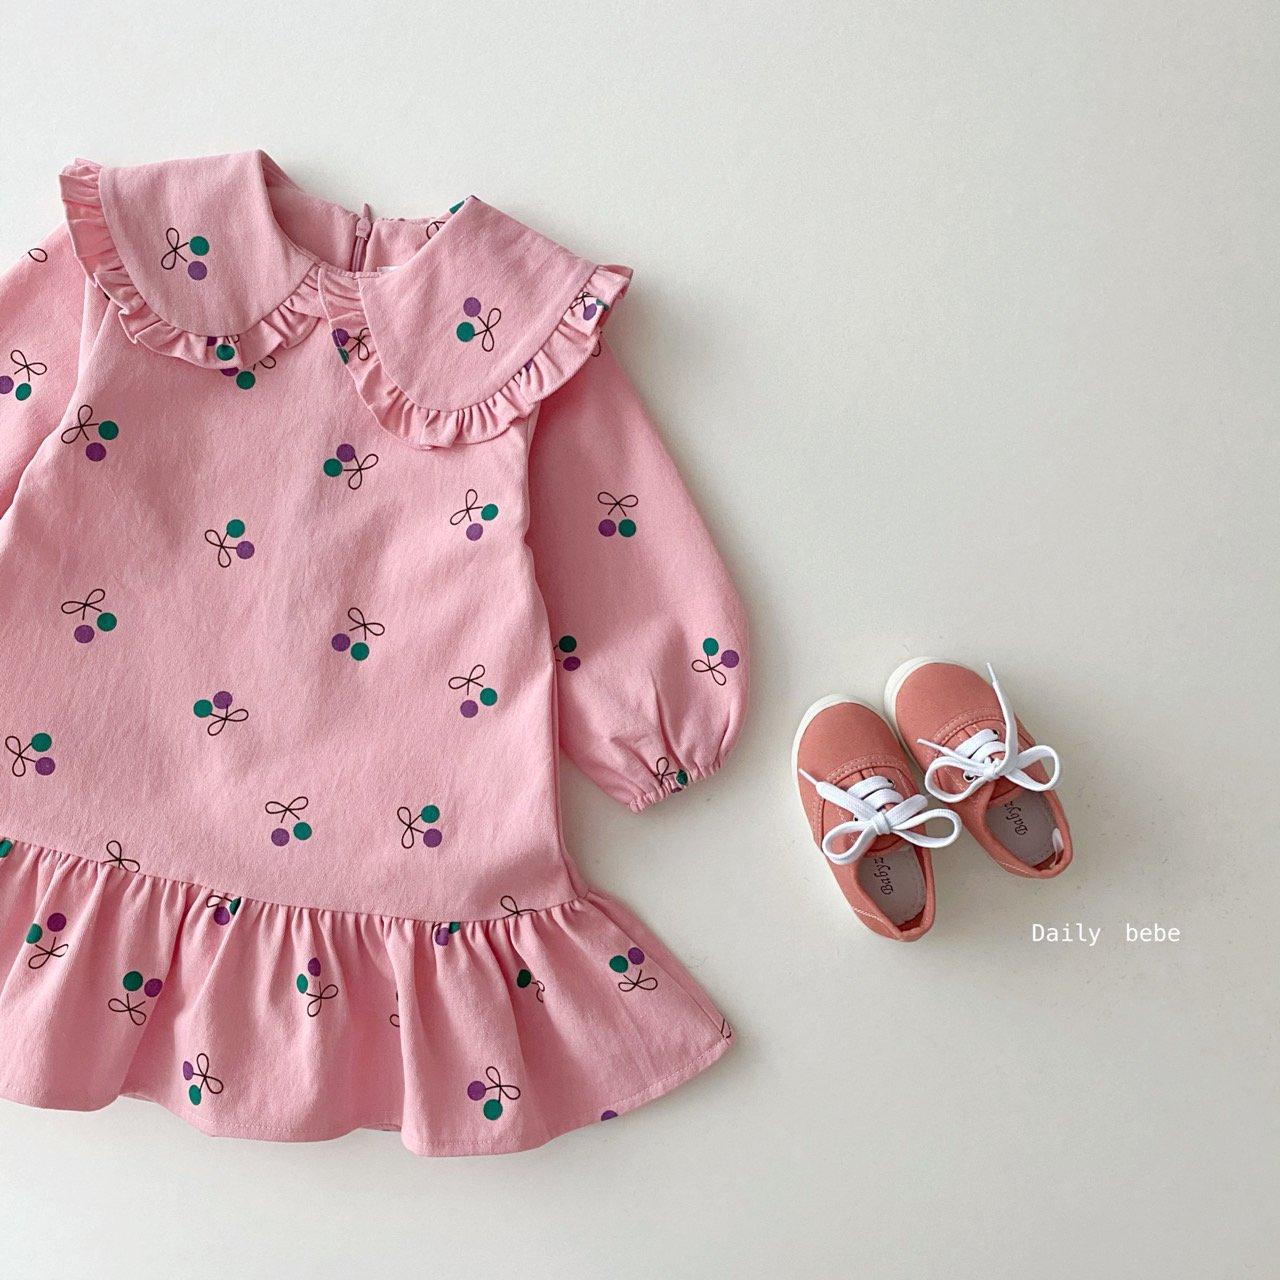 21 봄 데일리베베 유아동 체리 원피스